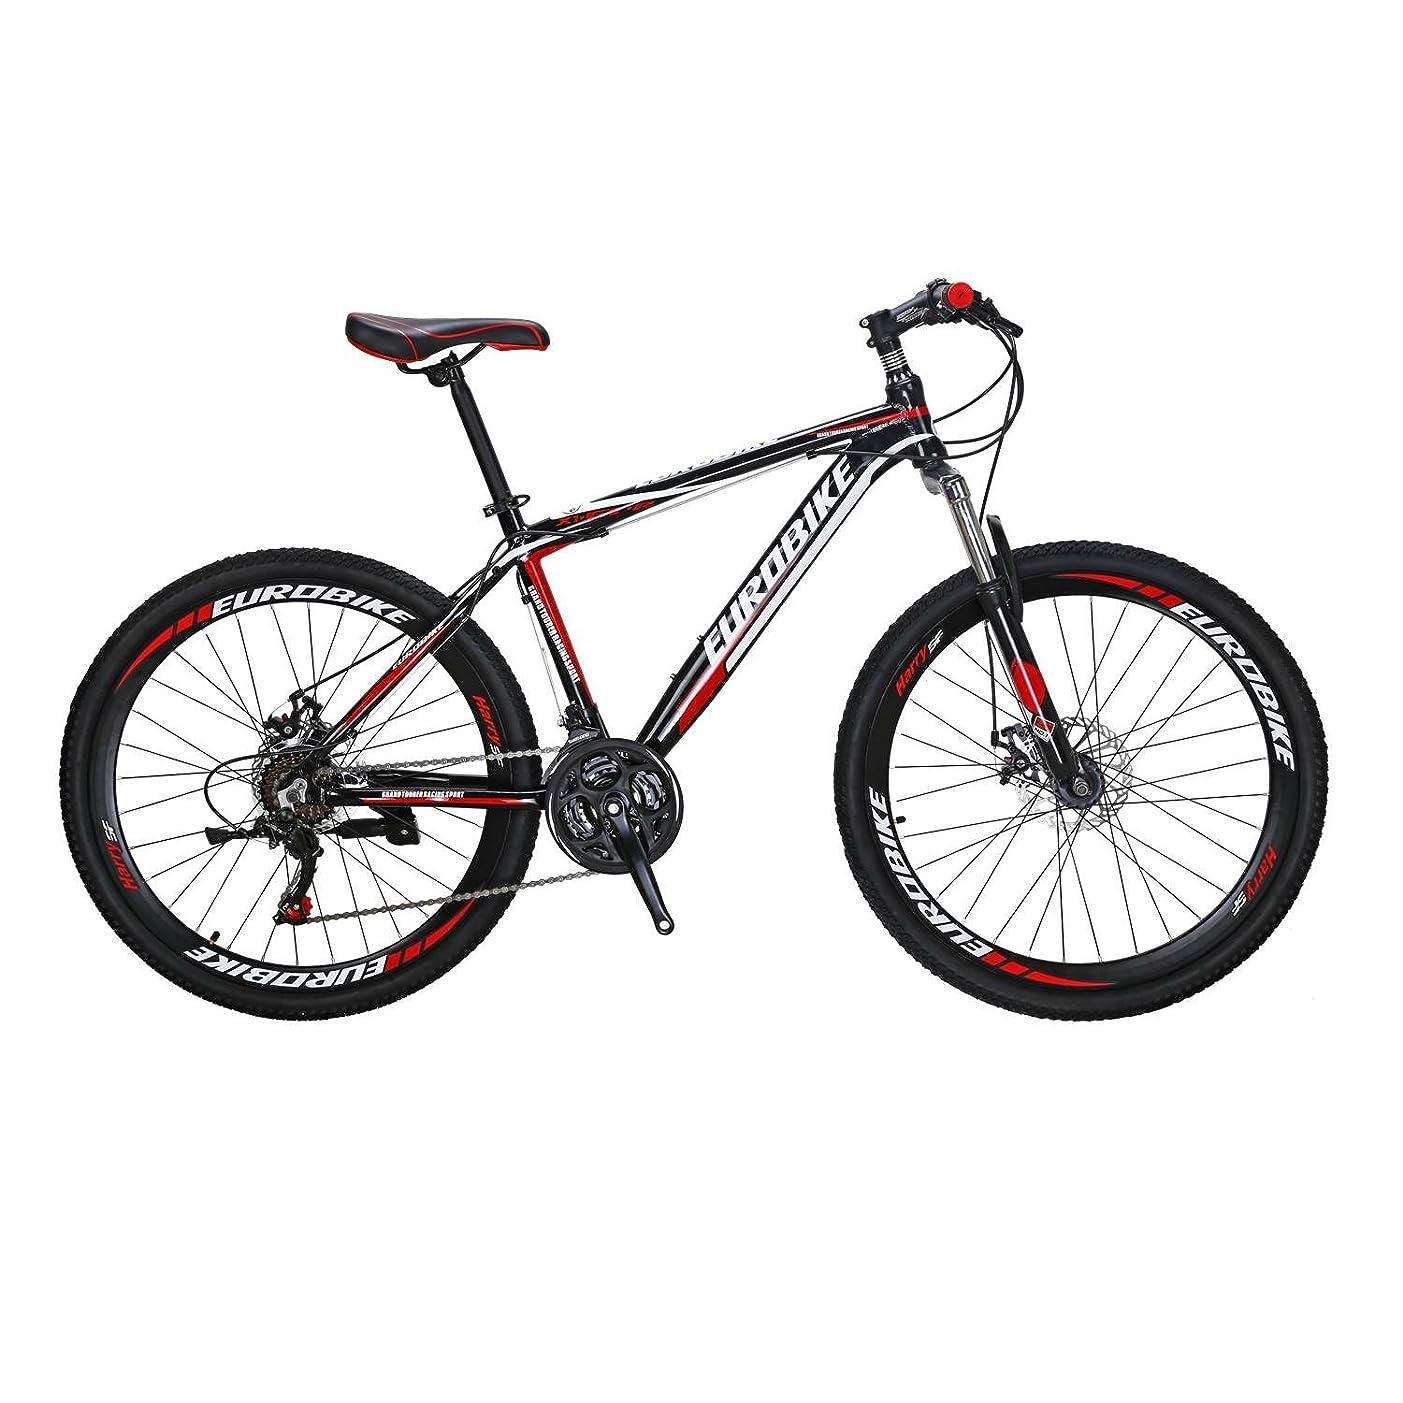 ベスビオ山プランターリスキーなEUROBIKE MTB マウンテンバイク アルミニウム合金 X1-GTR 26インチ 21段変速 前後ディスクブレーキ ハードテイル 軽量 通勤 通学 自転車